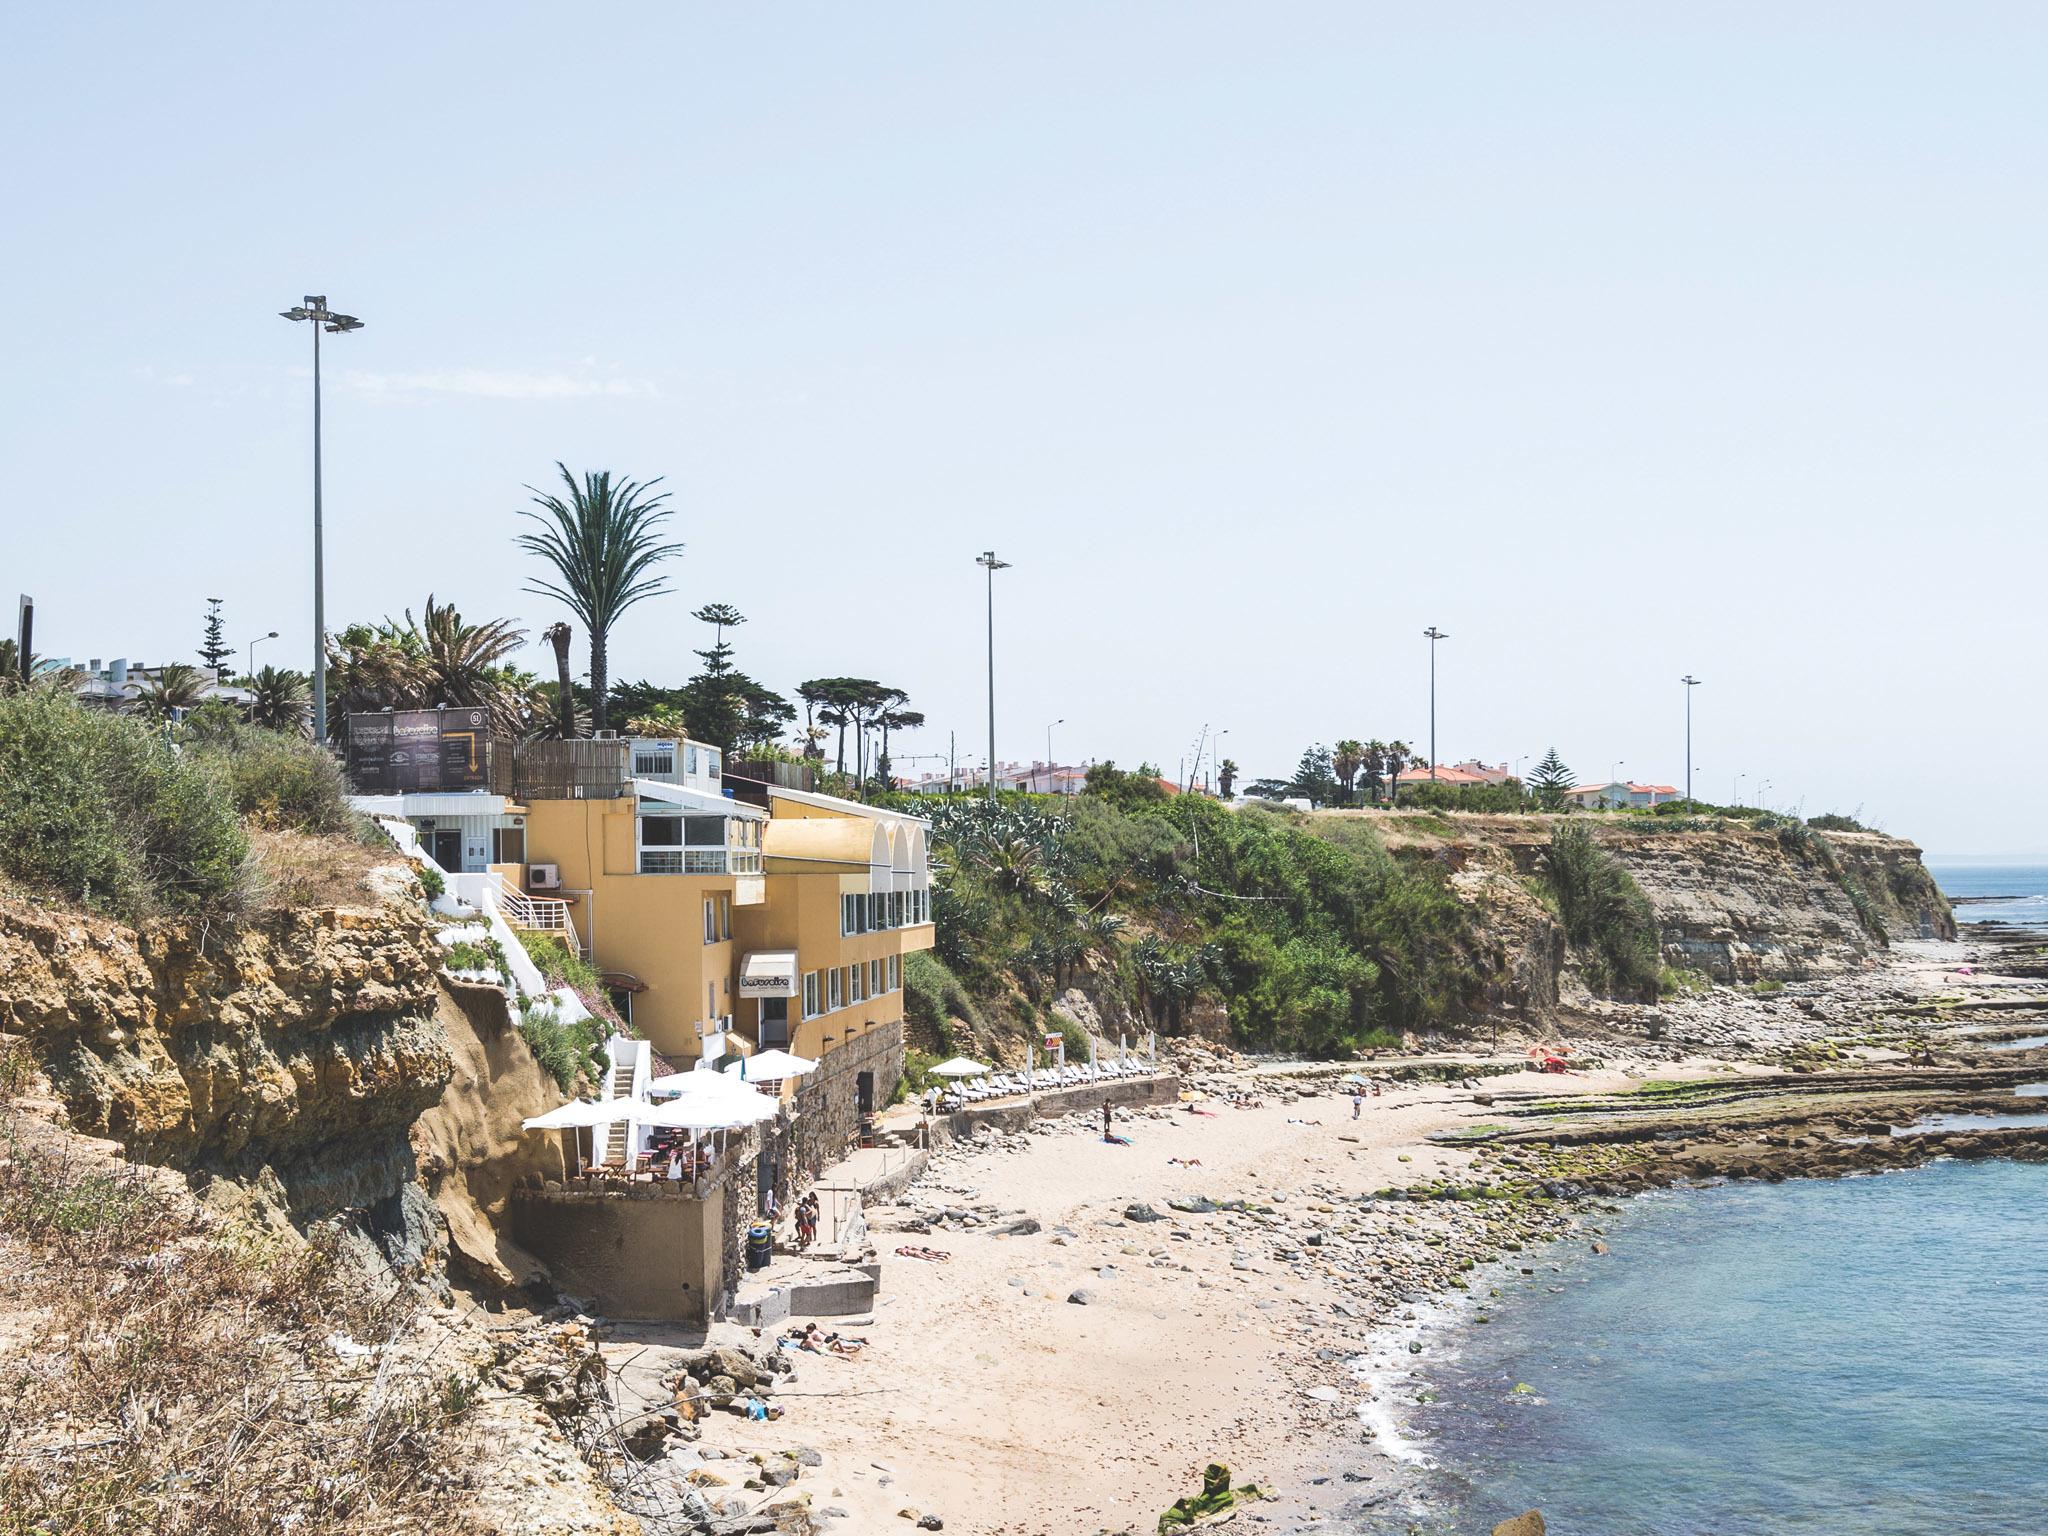 Sunset Beach Club Bafureira - Praia da Bafureira, São Pedro do Estoril